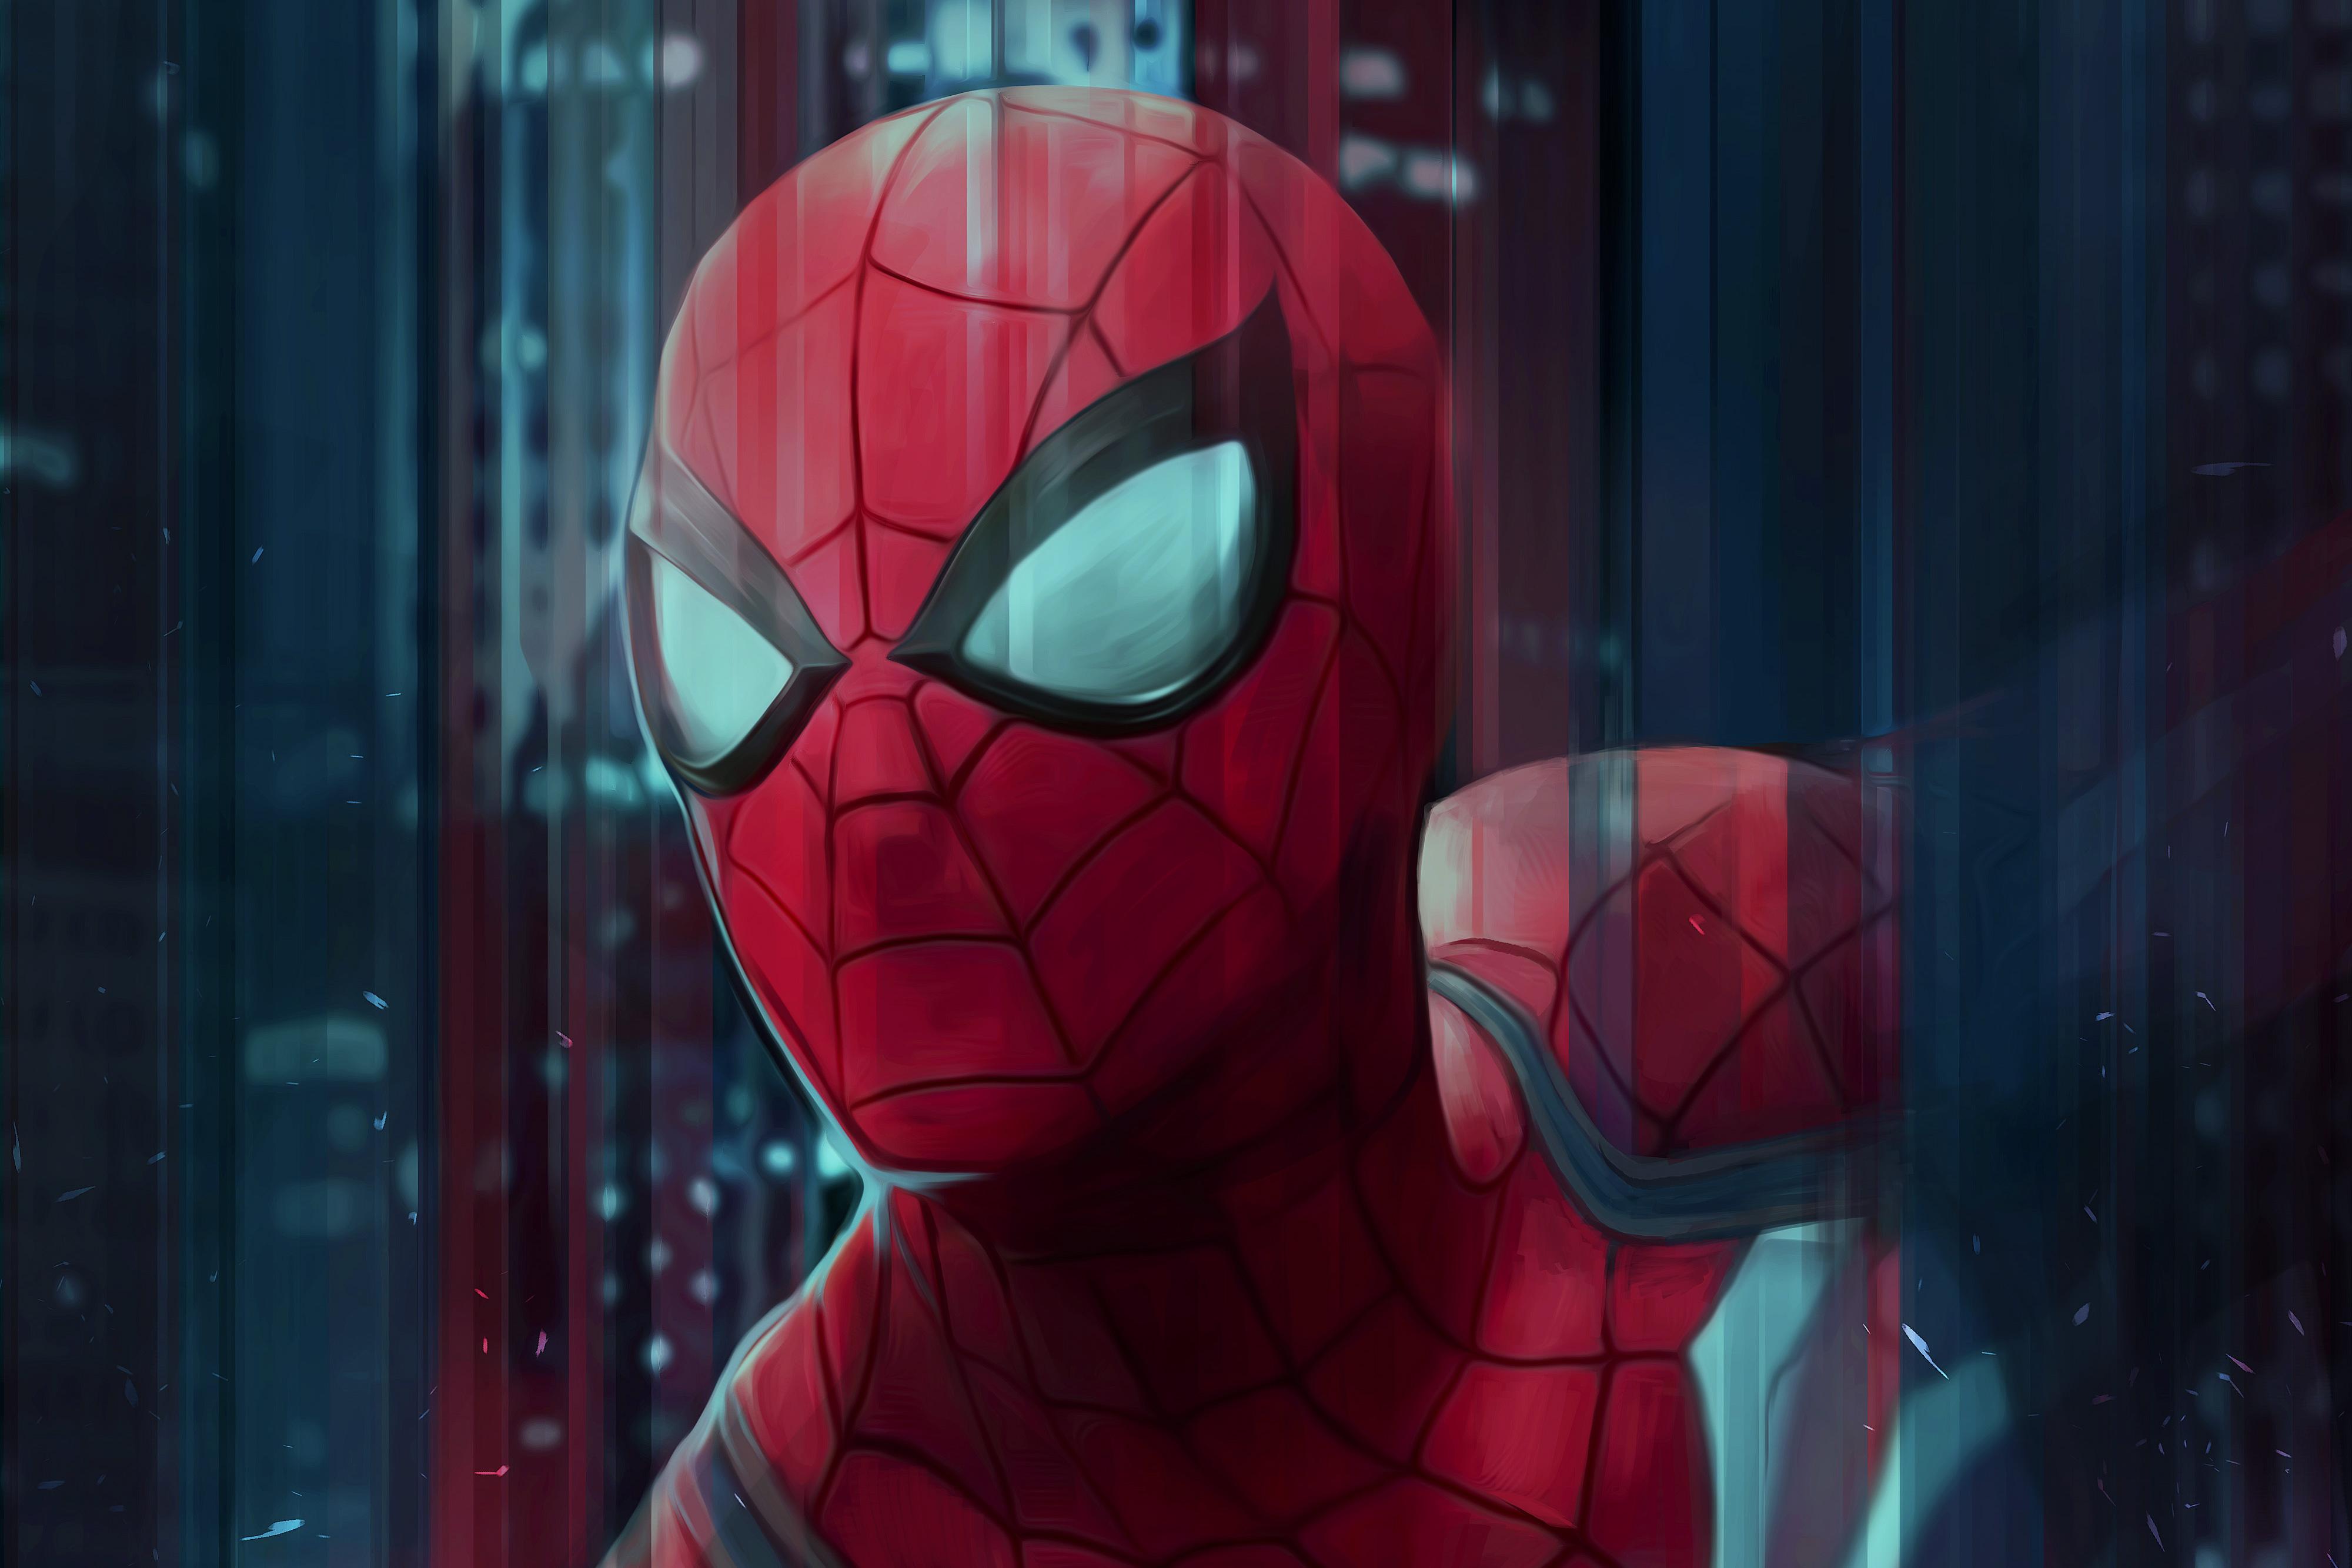 Spiderman Digital Art 4k, HD Superheroes, 4k Wallpapers ...